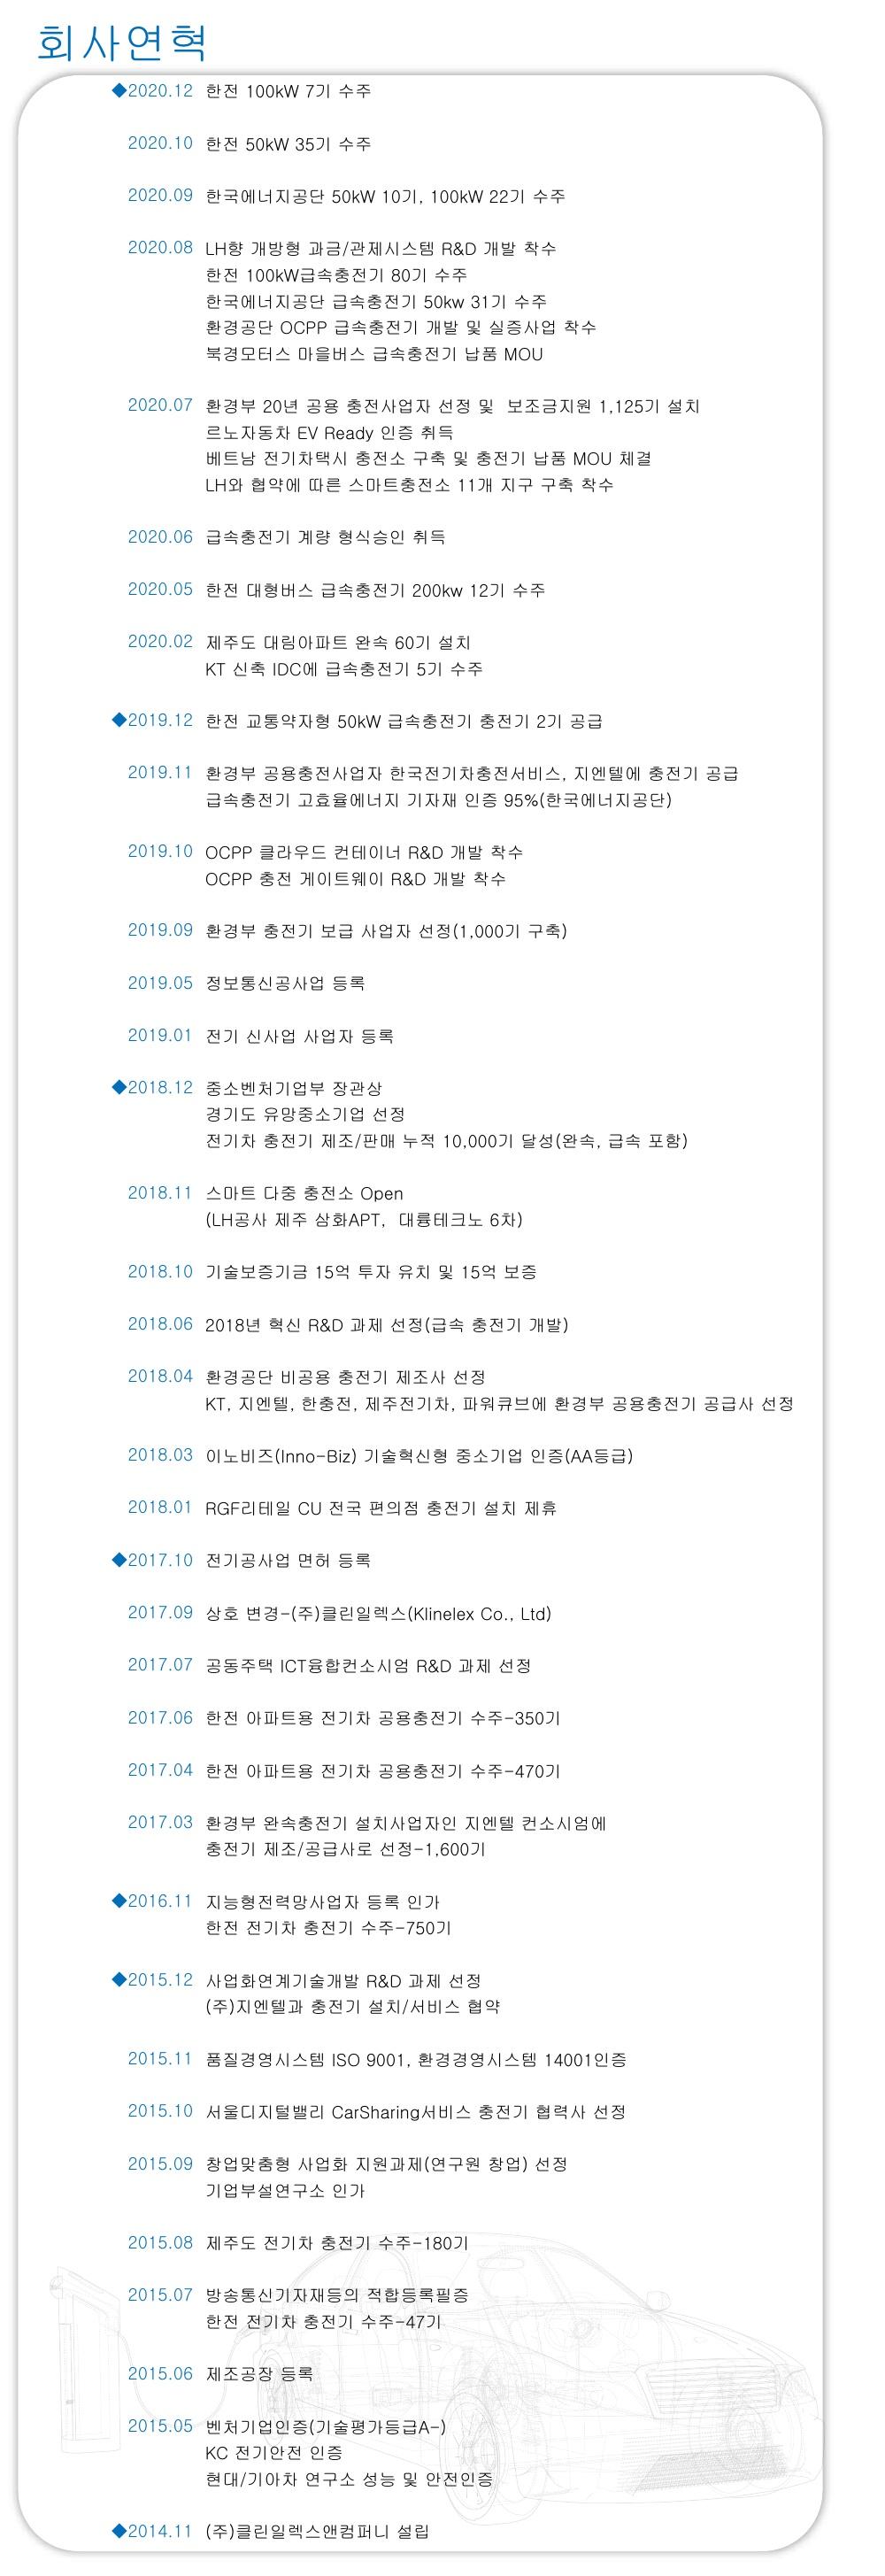 회사연혁 수정본(21.04.02)_1.jpg